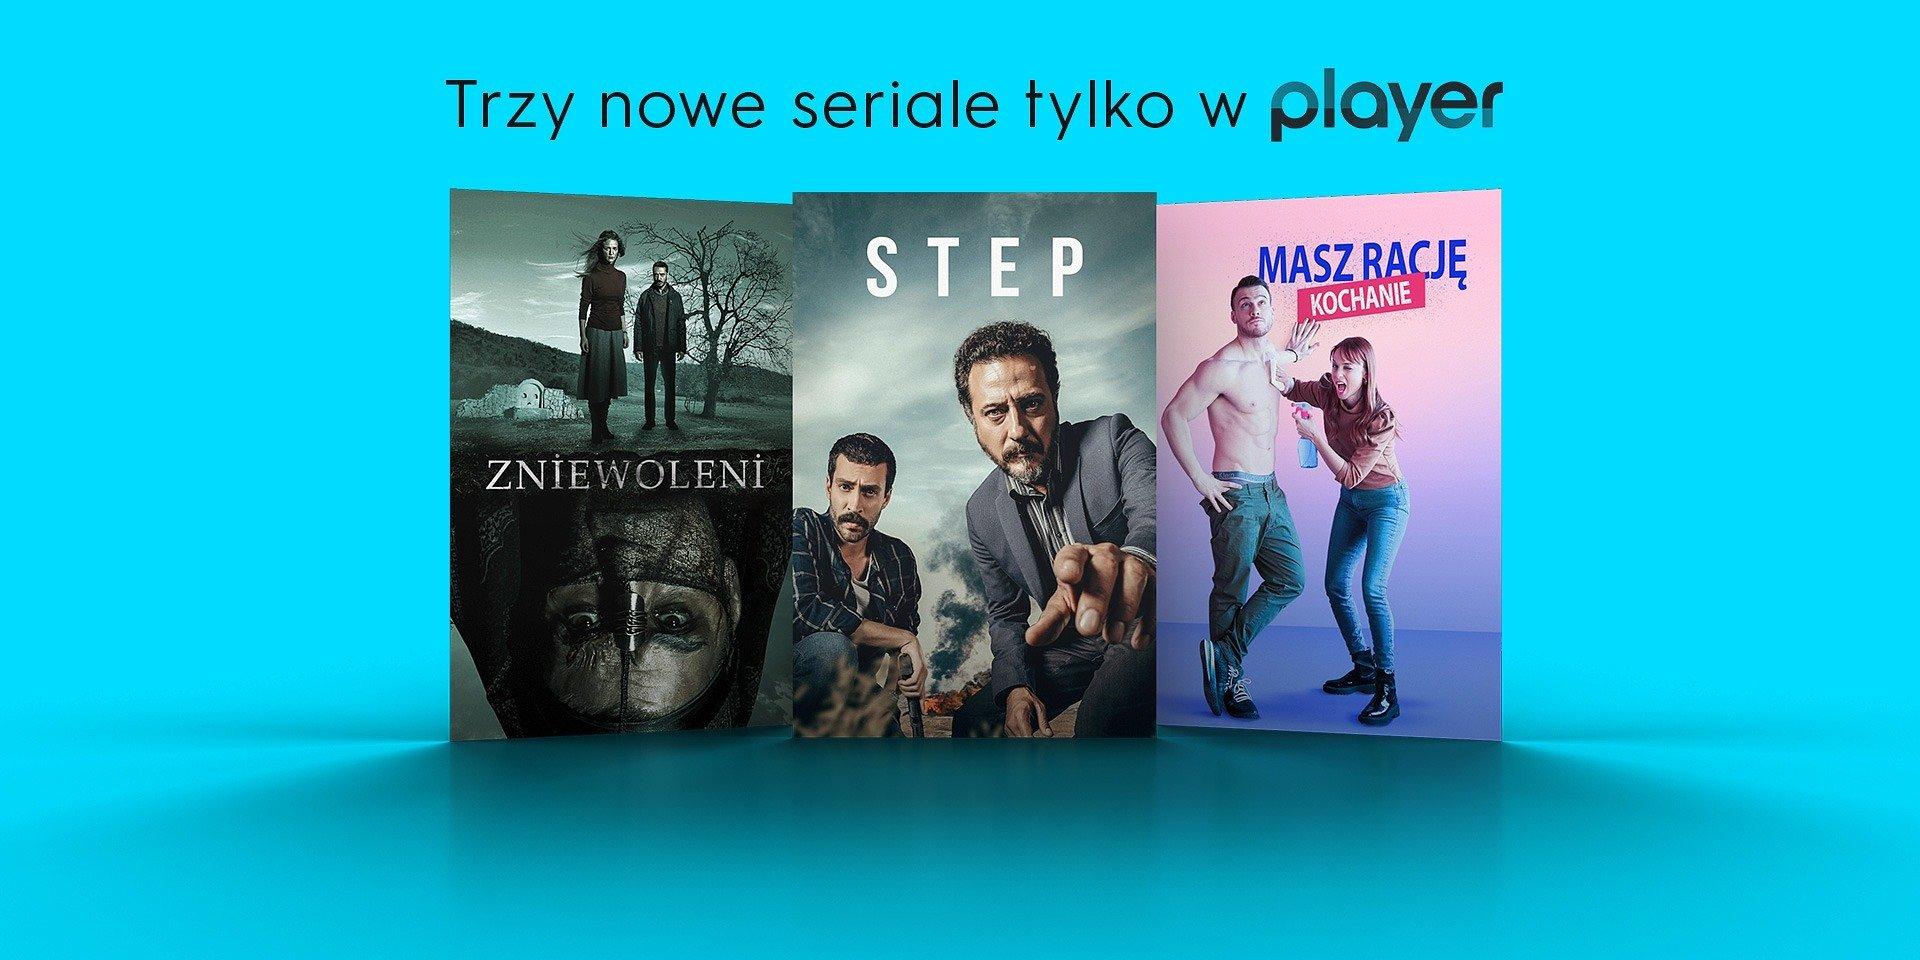 Trzy nowe zagraniczne seriale tylko na Playerze!